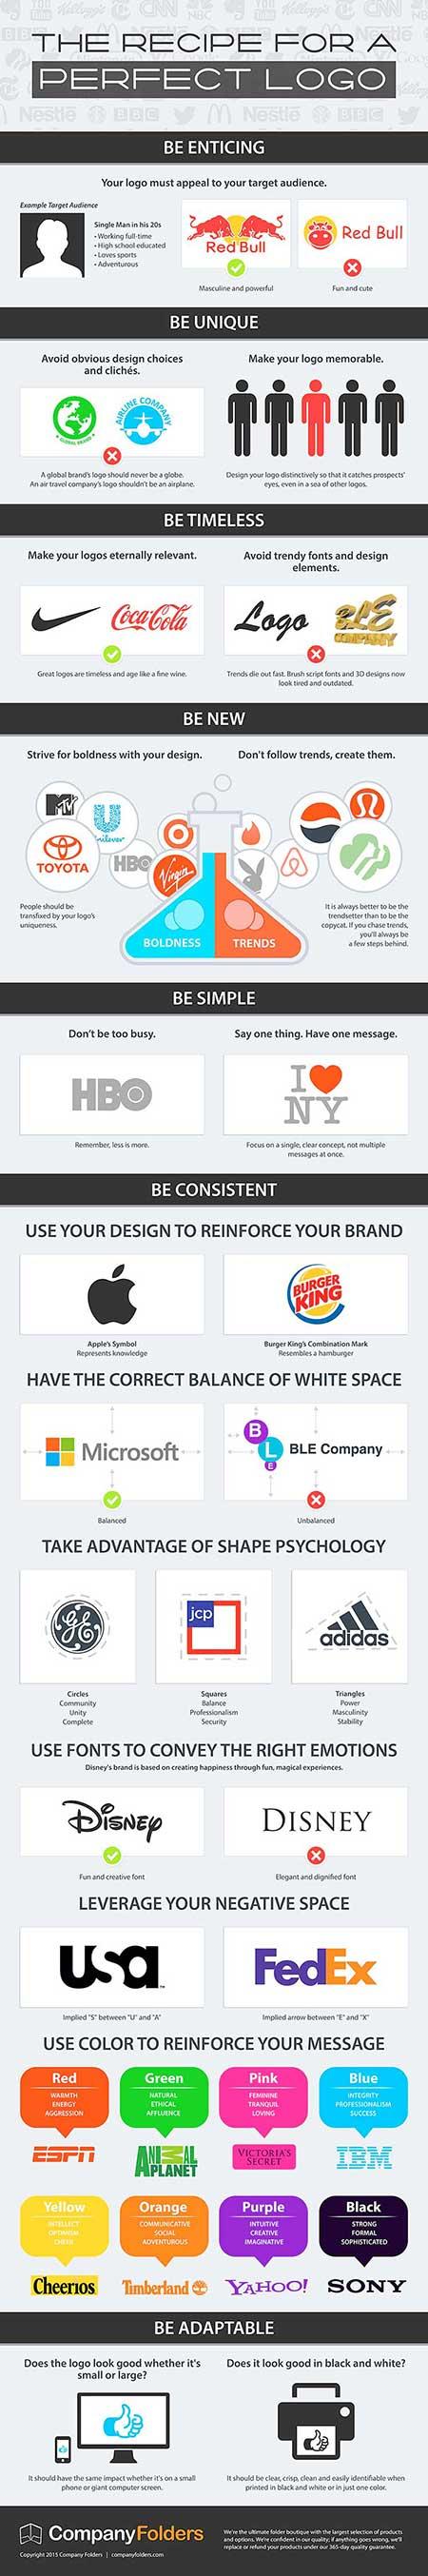 Как да създадем перфектното лого